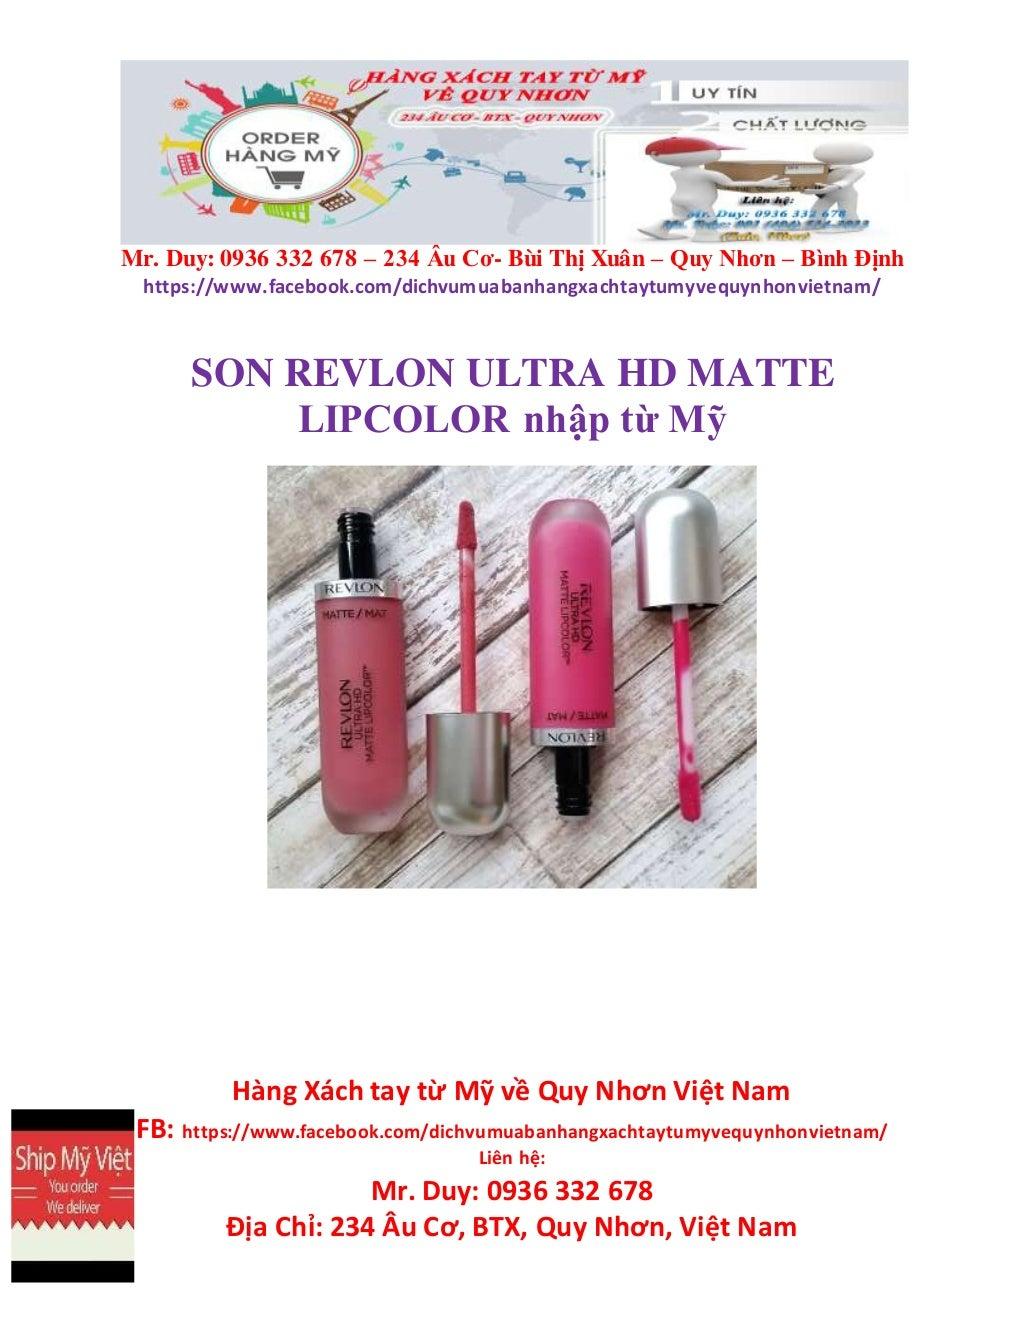 Dịch vụ order thực phẩm chức năng xách tay tại Quy Nhơn giá rẻ nhất - Magazine cover